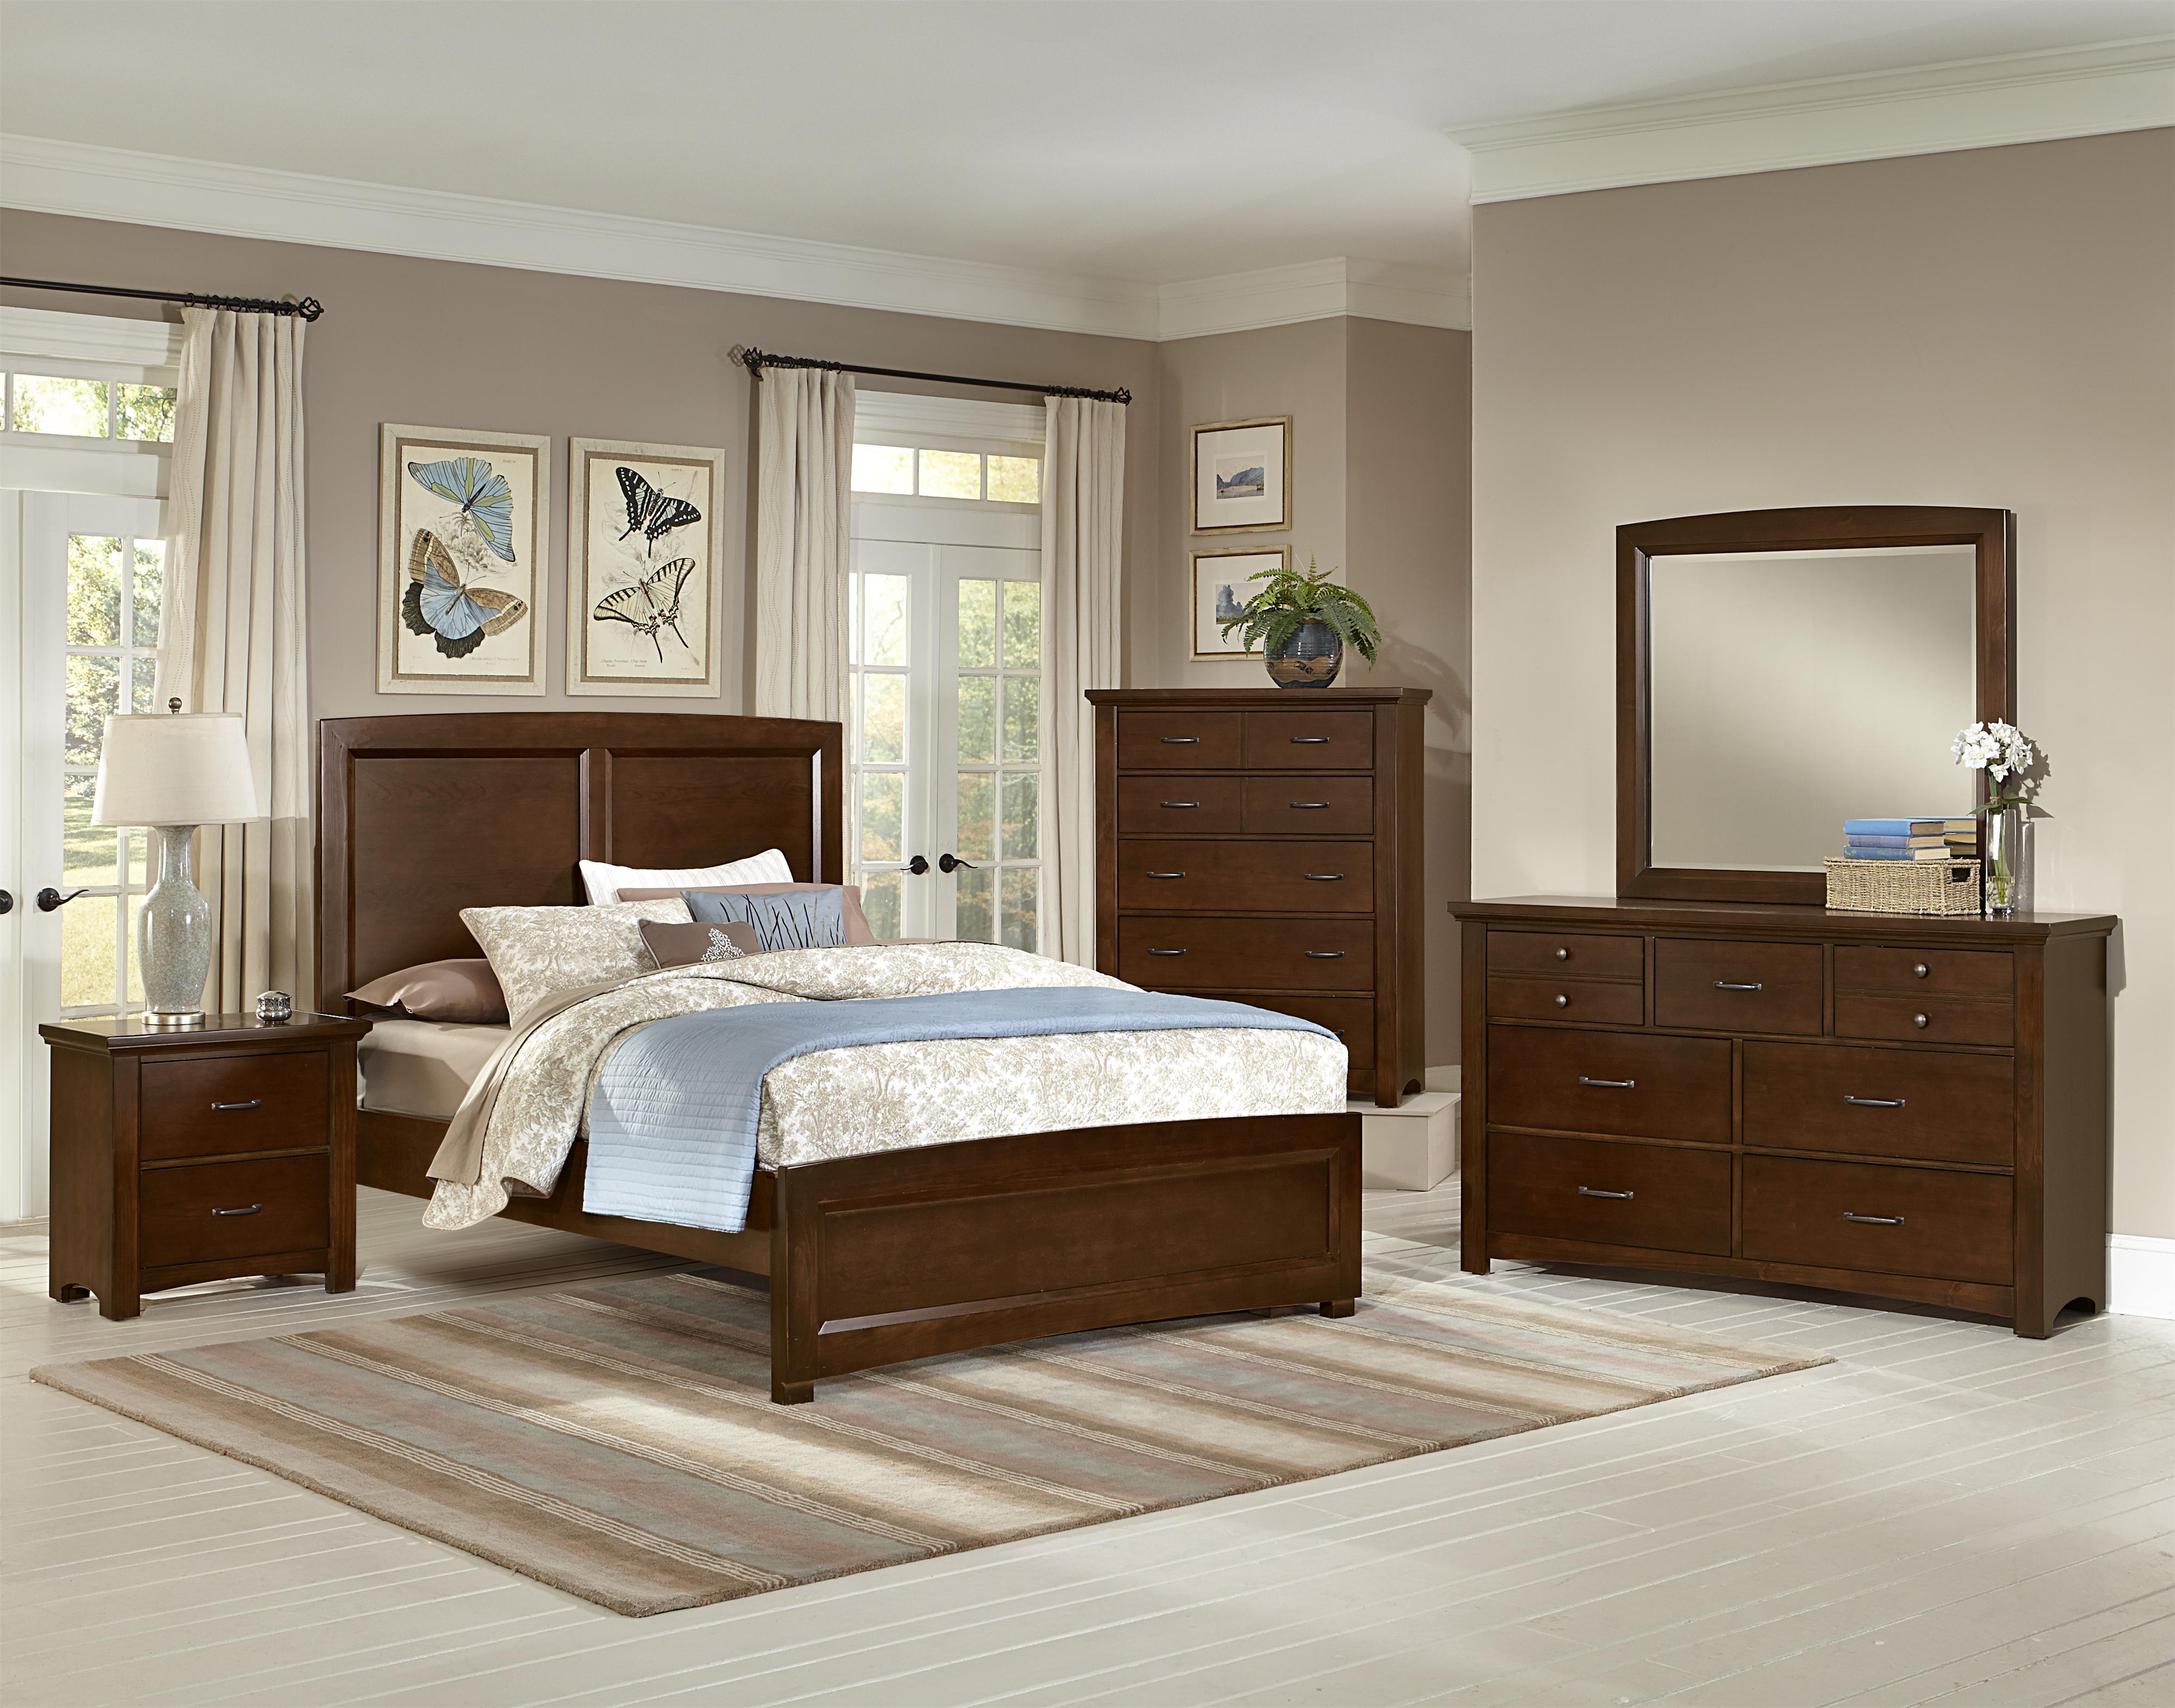 Vaughan Bassett Transitions Queen Bedroom Group  Belfort